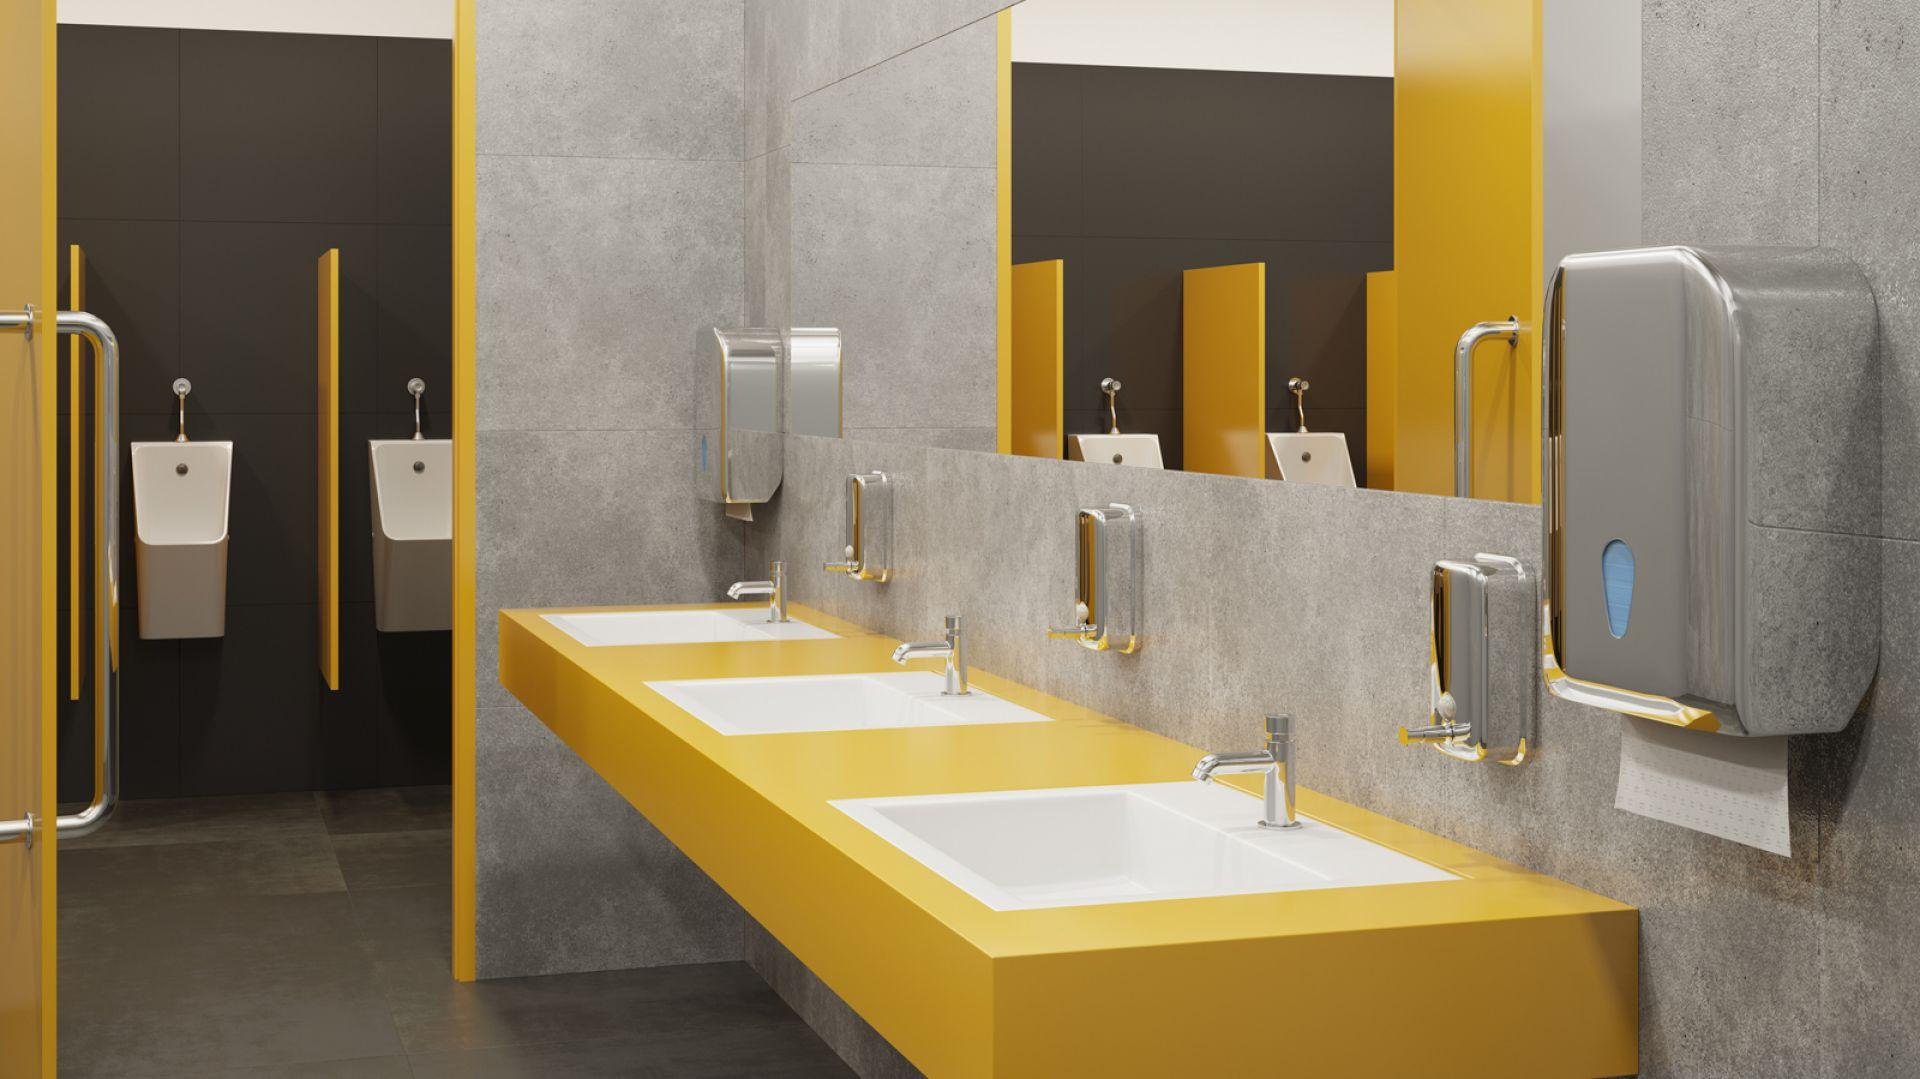 Aranżacja łazienki w przestrzeni publicznej - bateria umywalkowa czasowa z regulacją wypływu do wody zimnej lub zmieszanej. Fot. Ferro